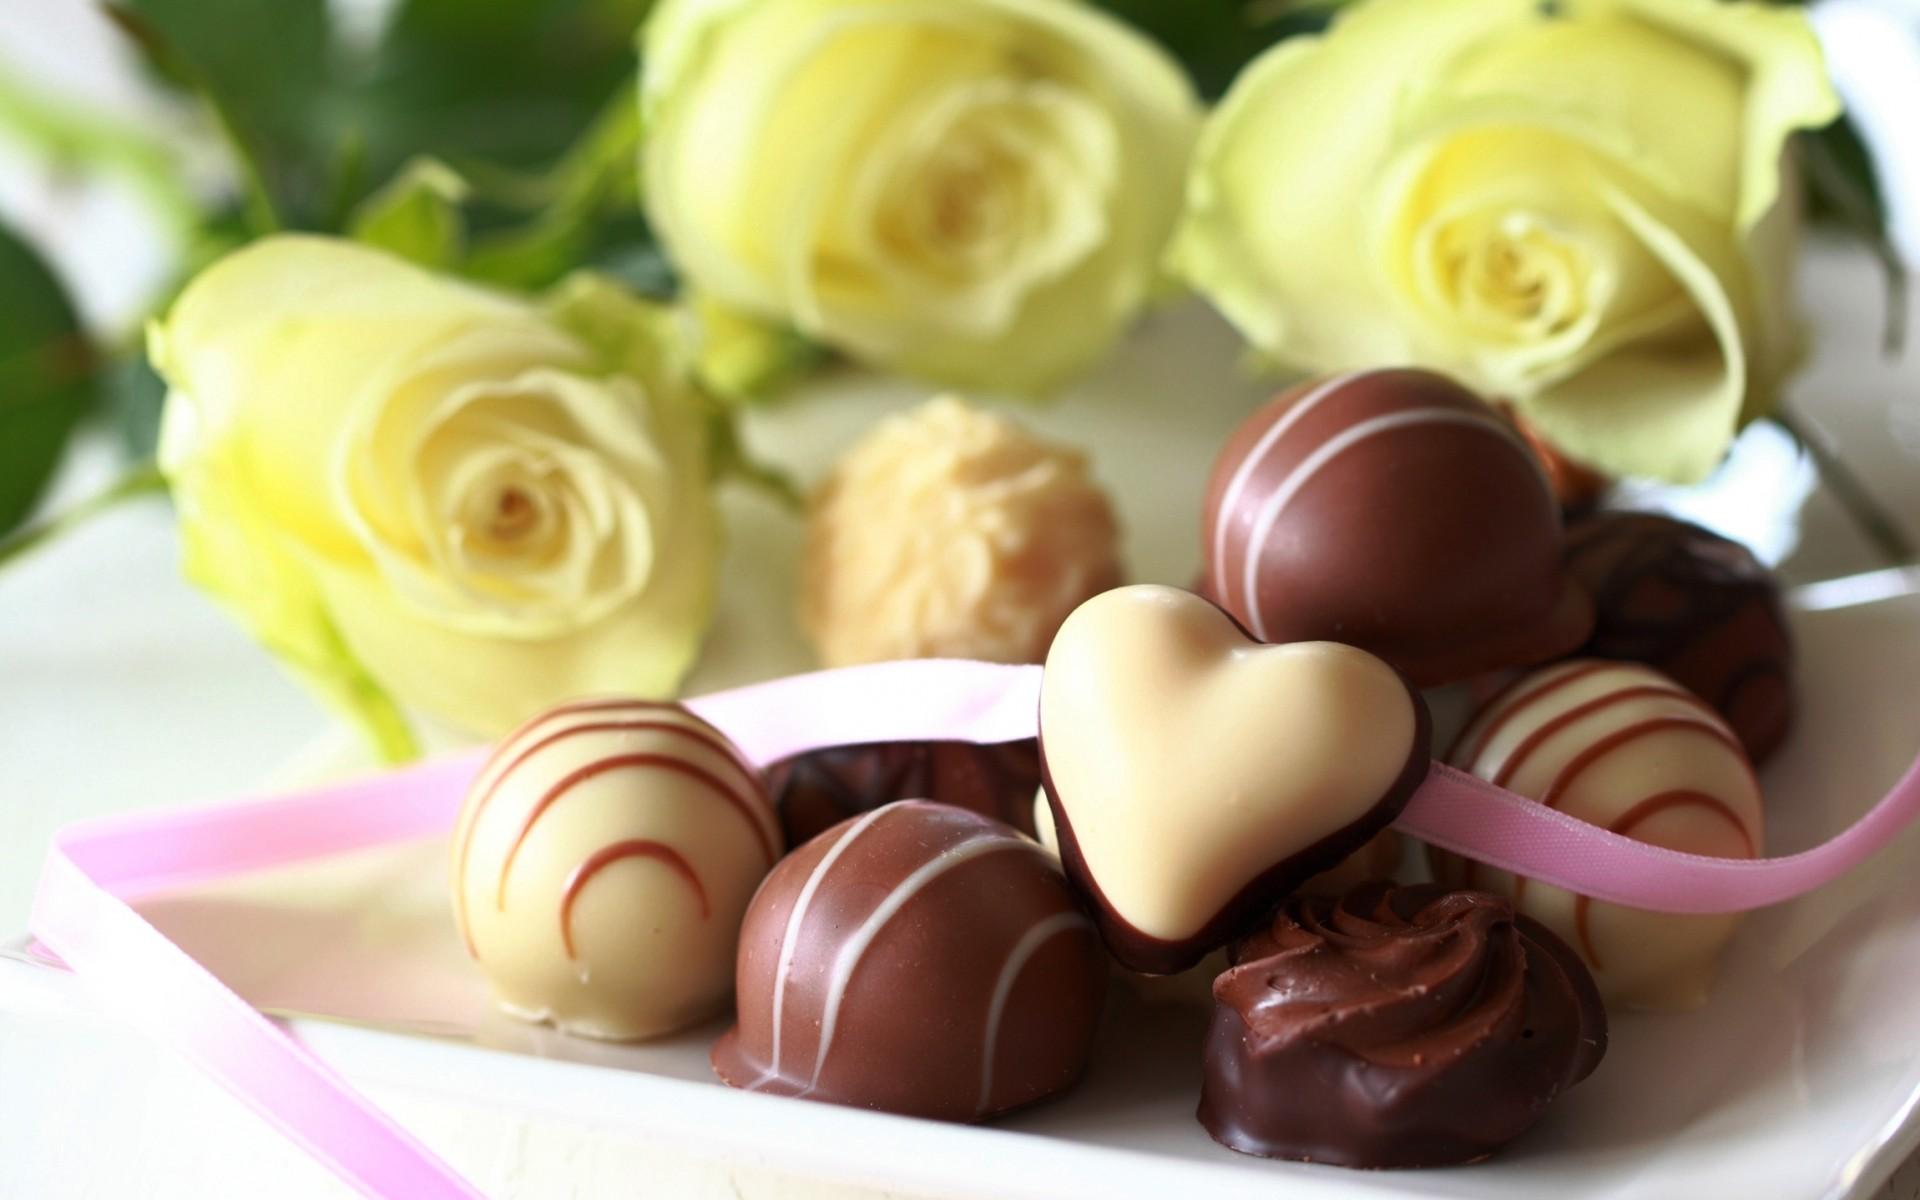 chocolate_candies_flowers_20130714_2083912993.jpg